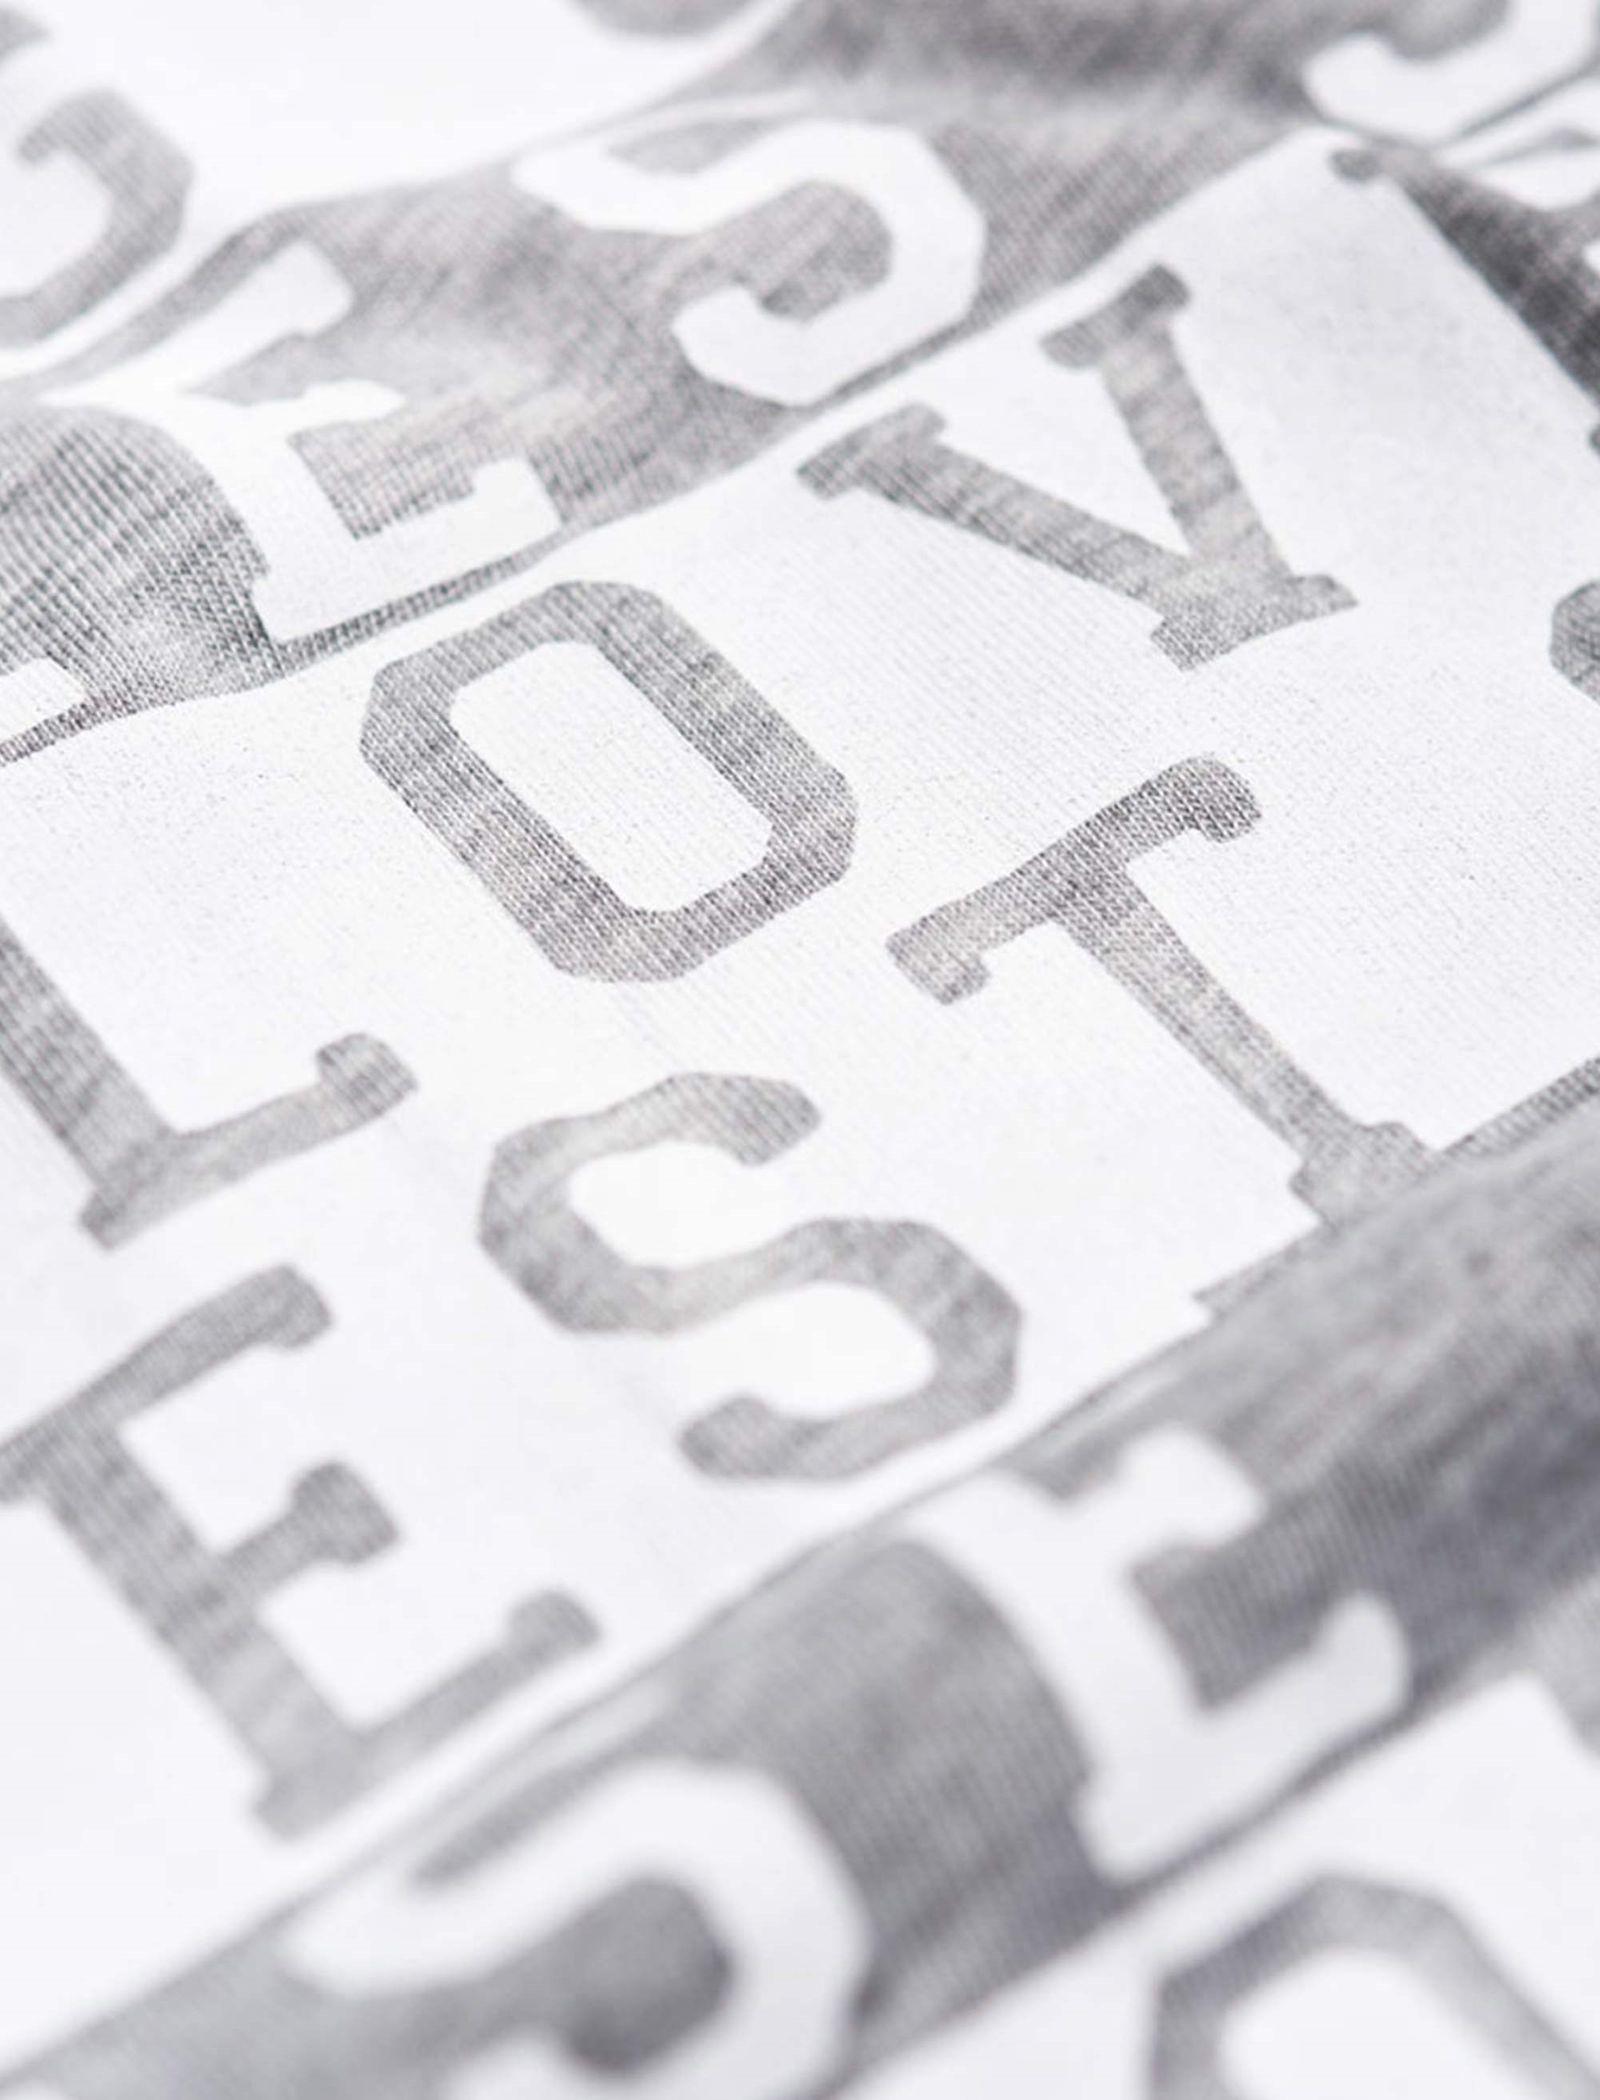 تی شرت یقه گرد زنانه Boxy Text - سوپردرای - طوسي روشن - 6